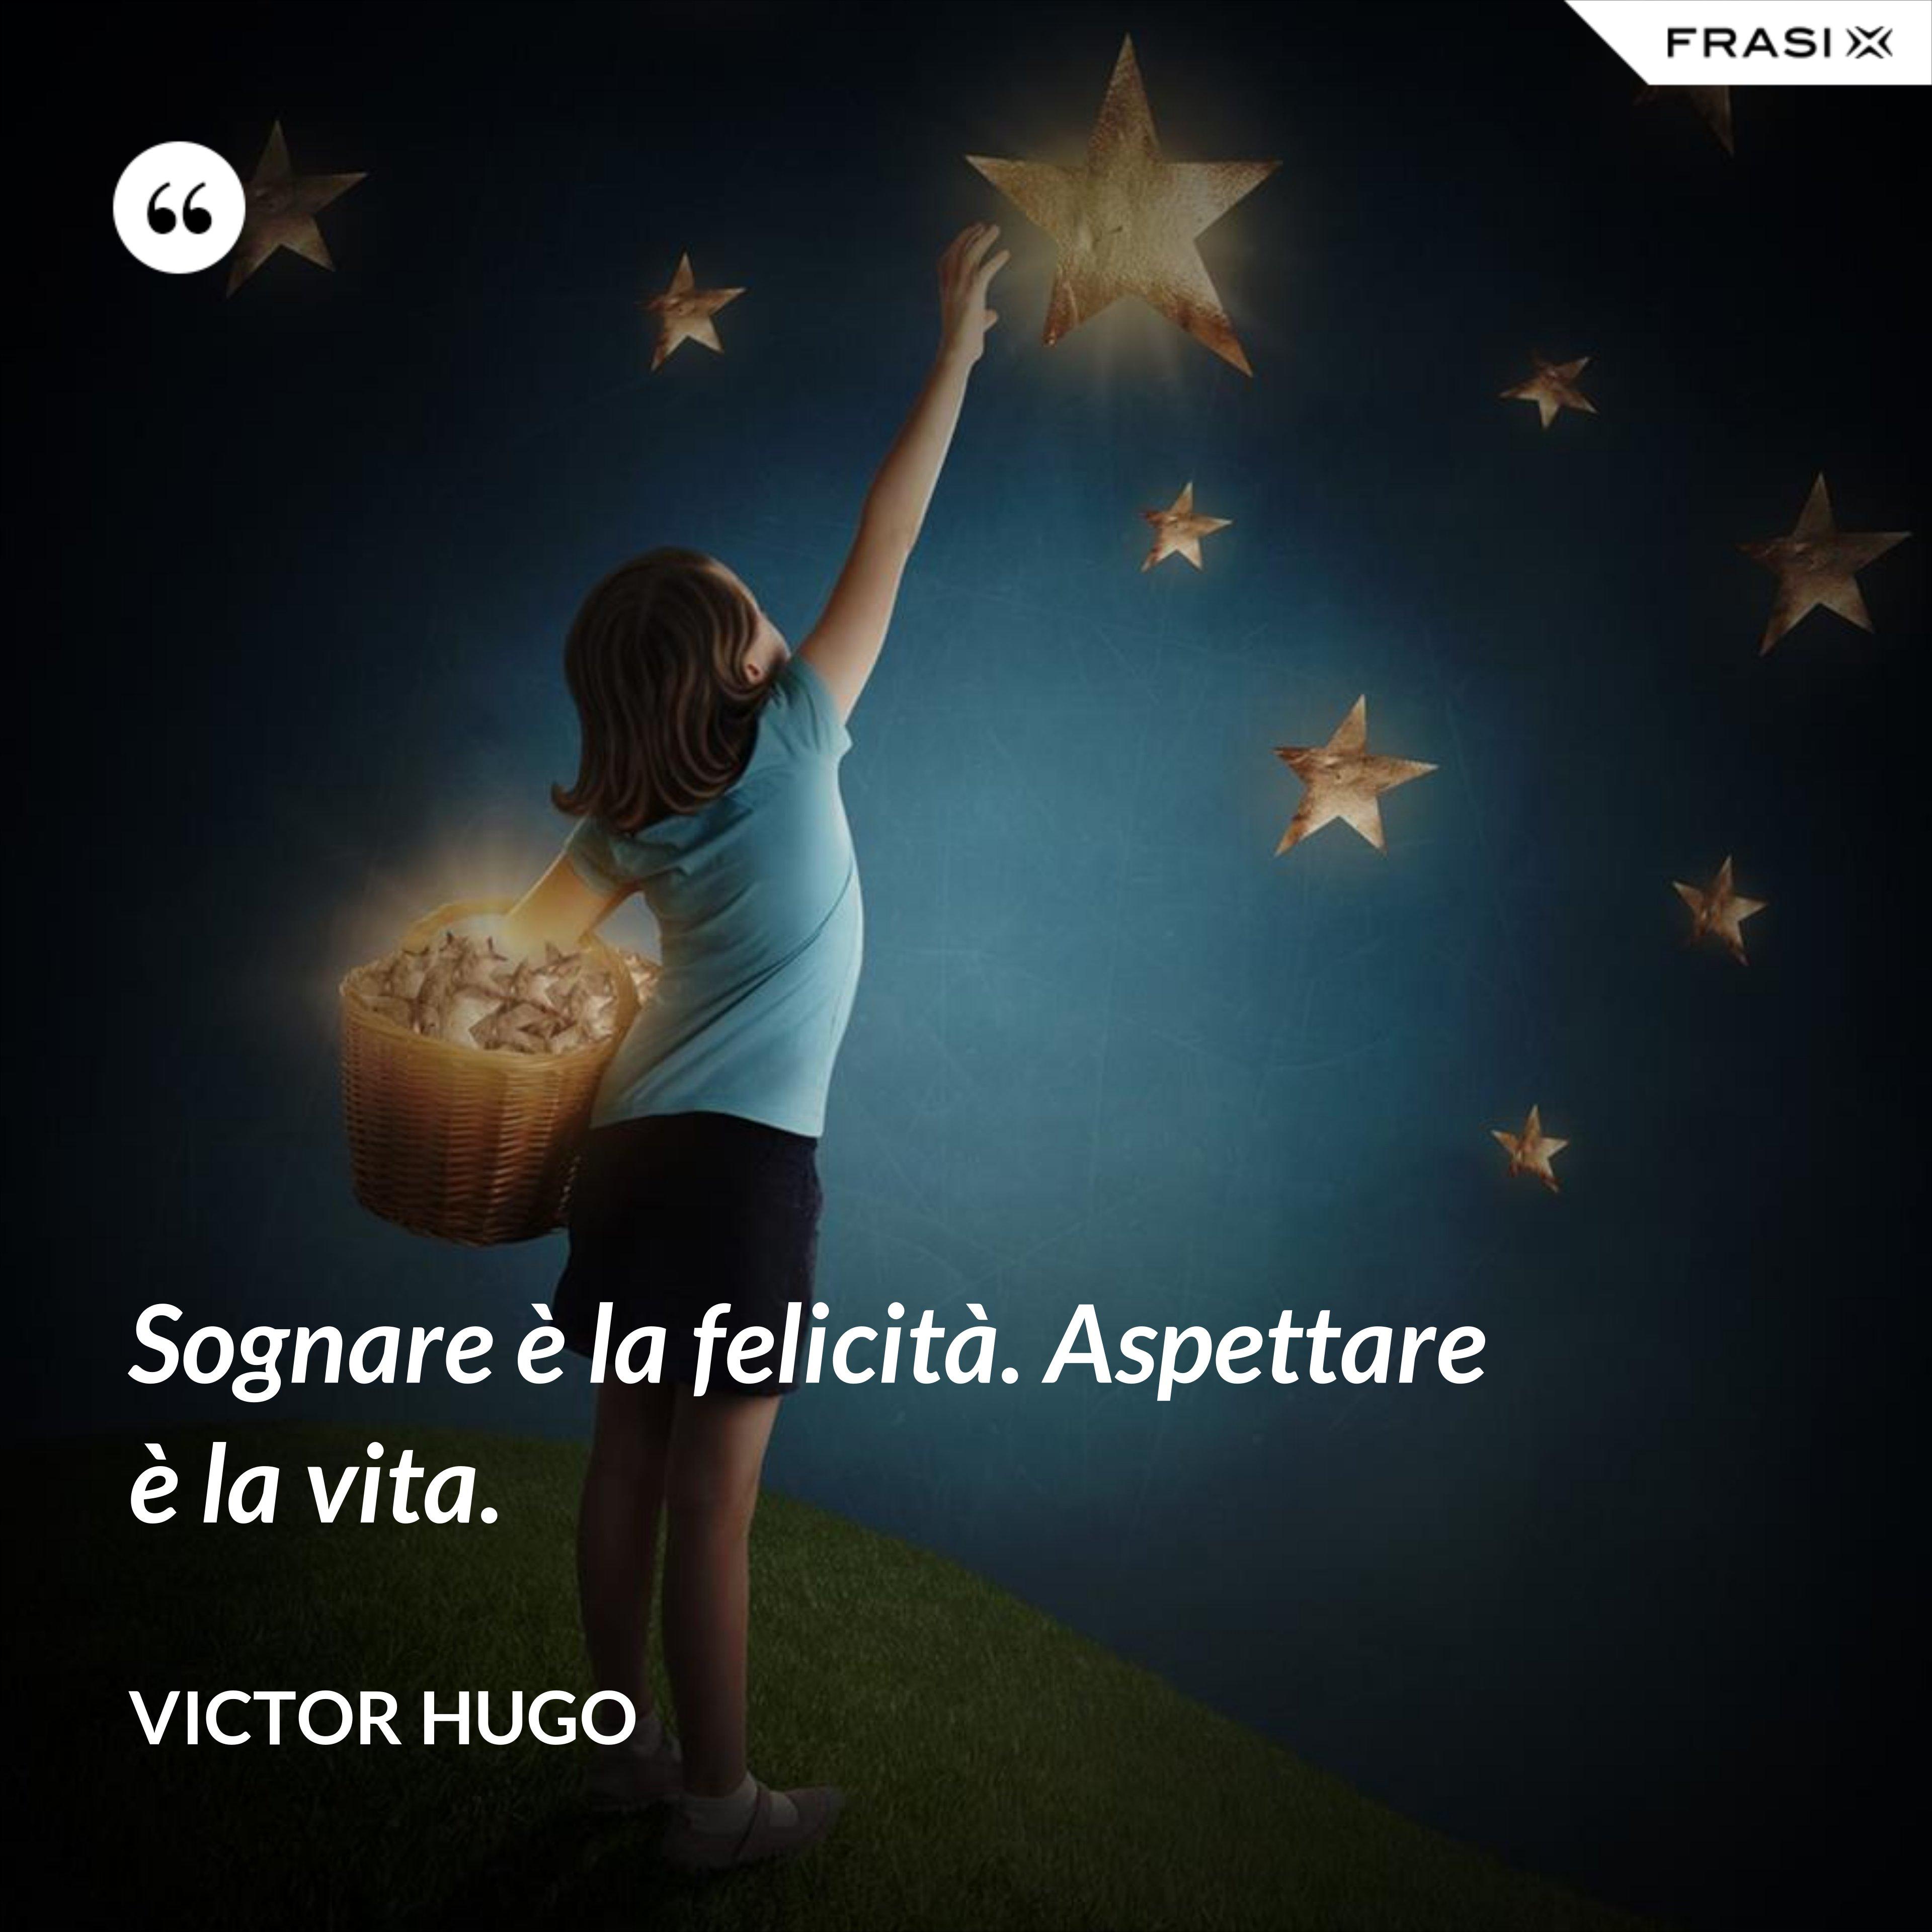 Sognare è la felicità. Aspettare è la vita. - Victor Hugo